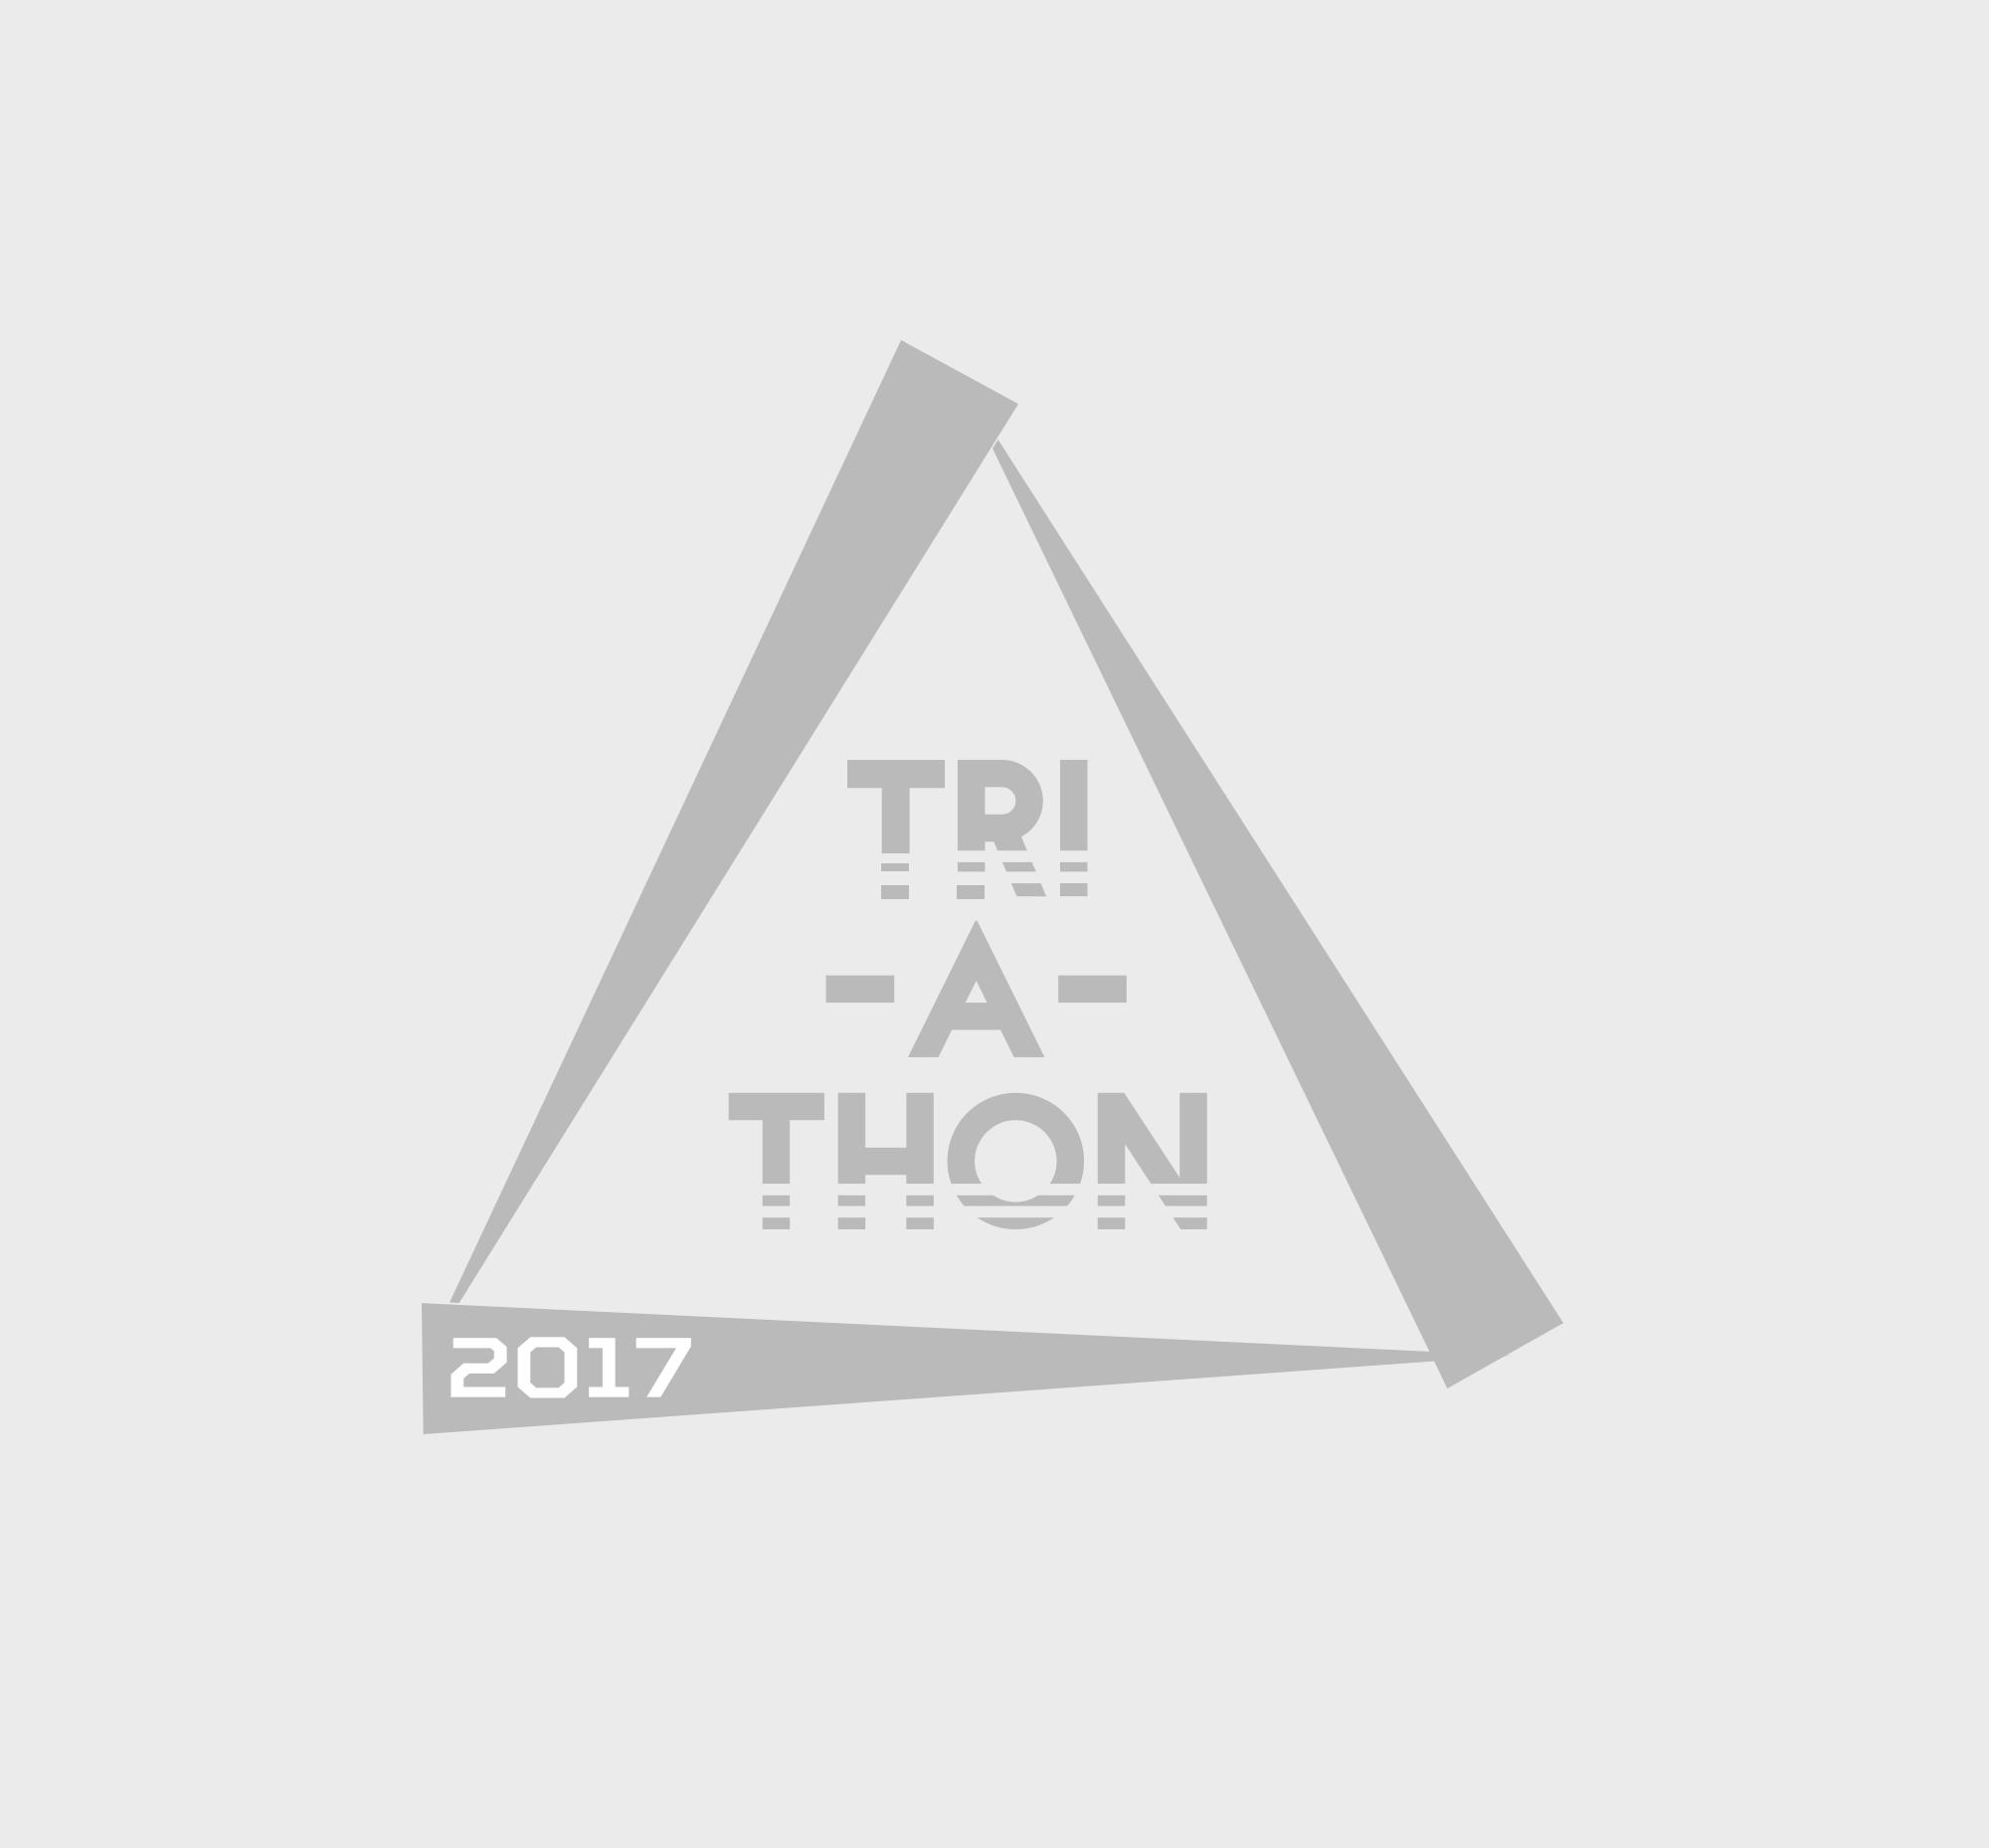 Triathon.png